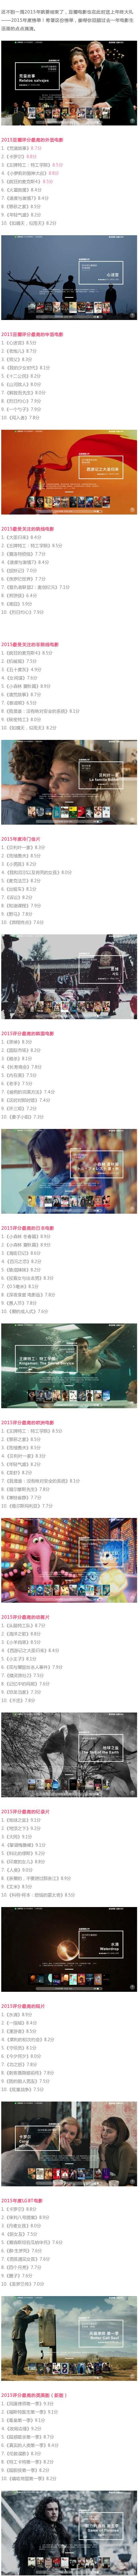 【榜單】豆瓣電影2015年度榜單,今年最好的電影都在這里了!